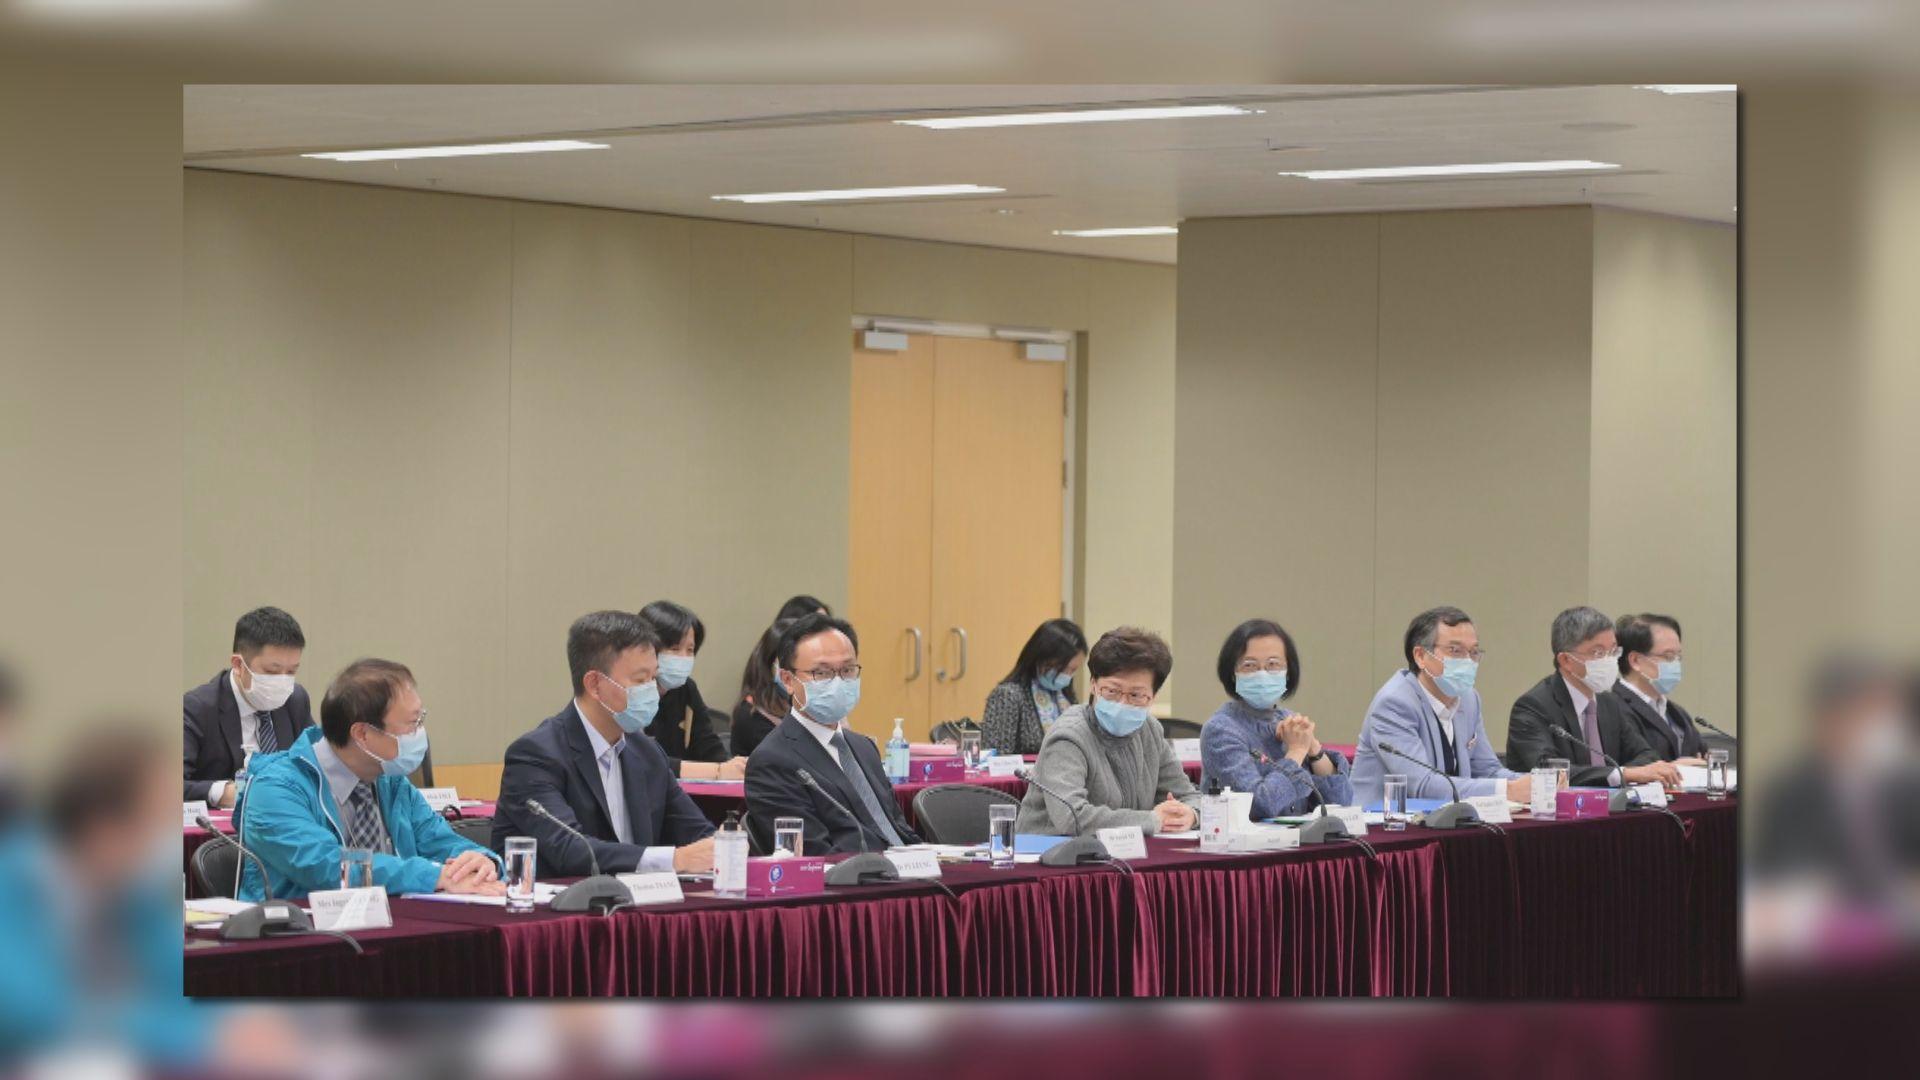 疫苗顧問專家委員會首次會議 林鄭:要釋除市民疑慮